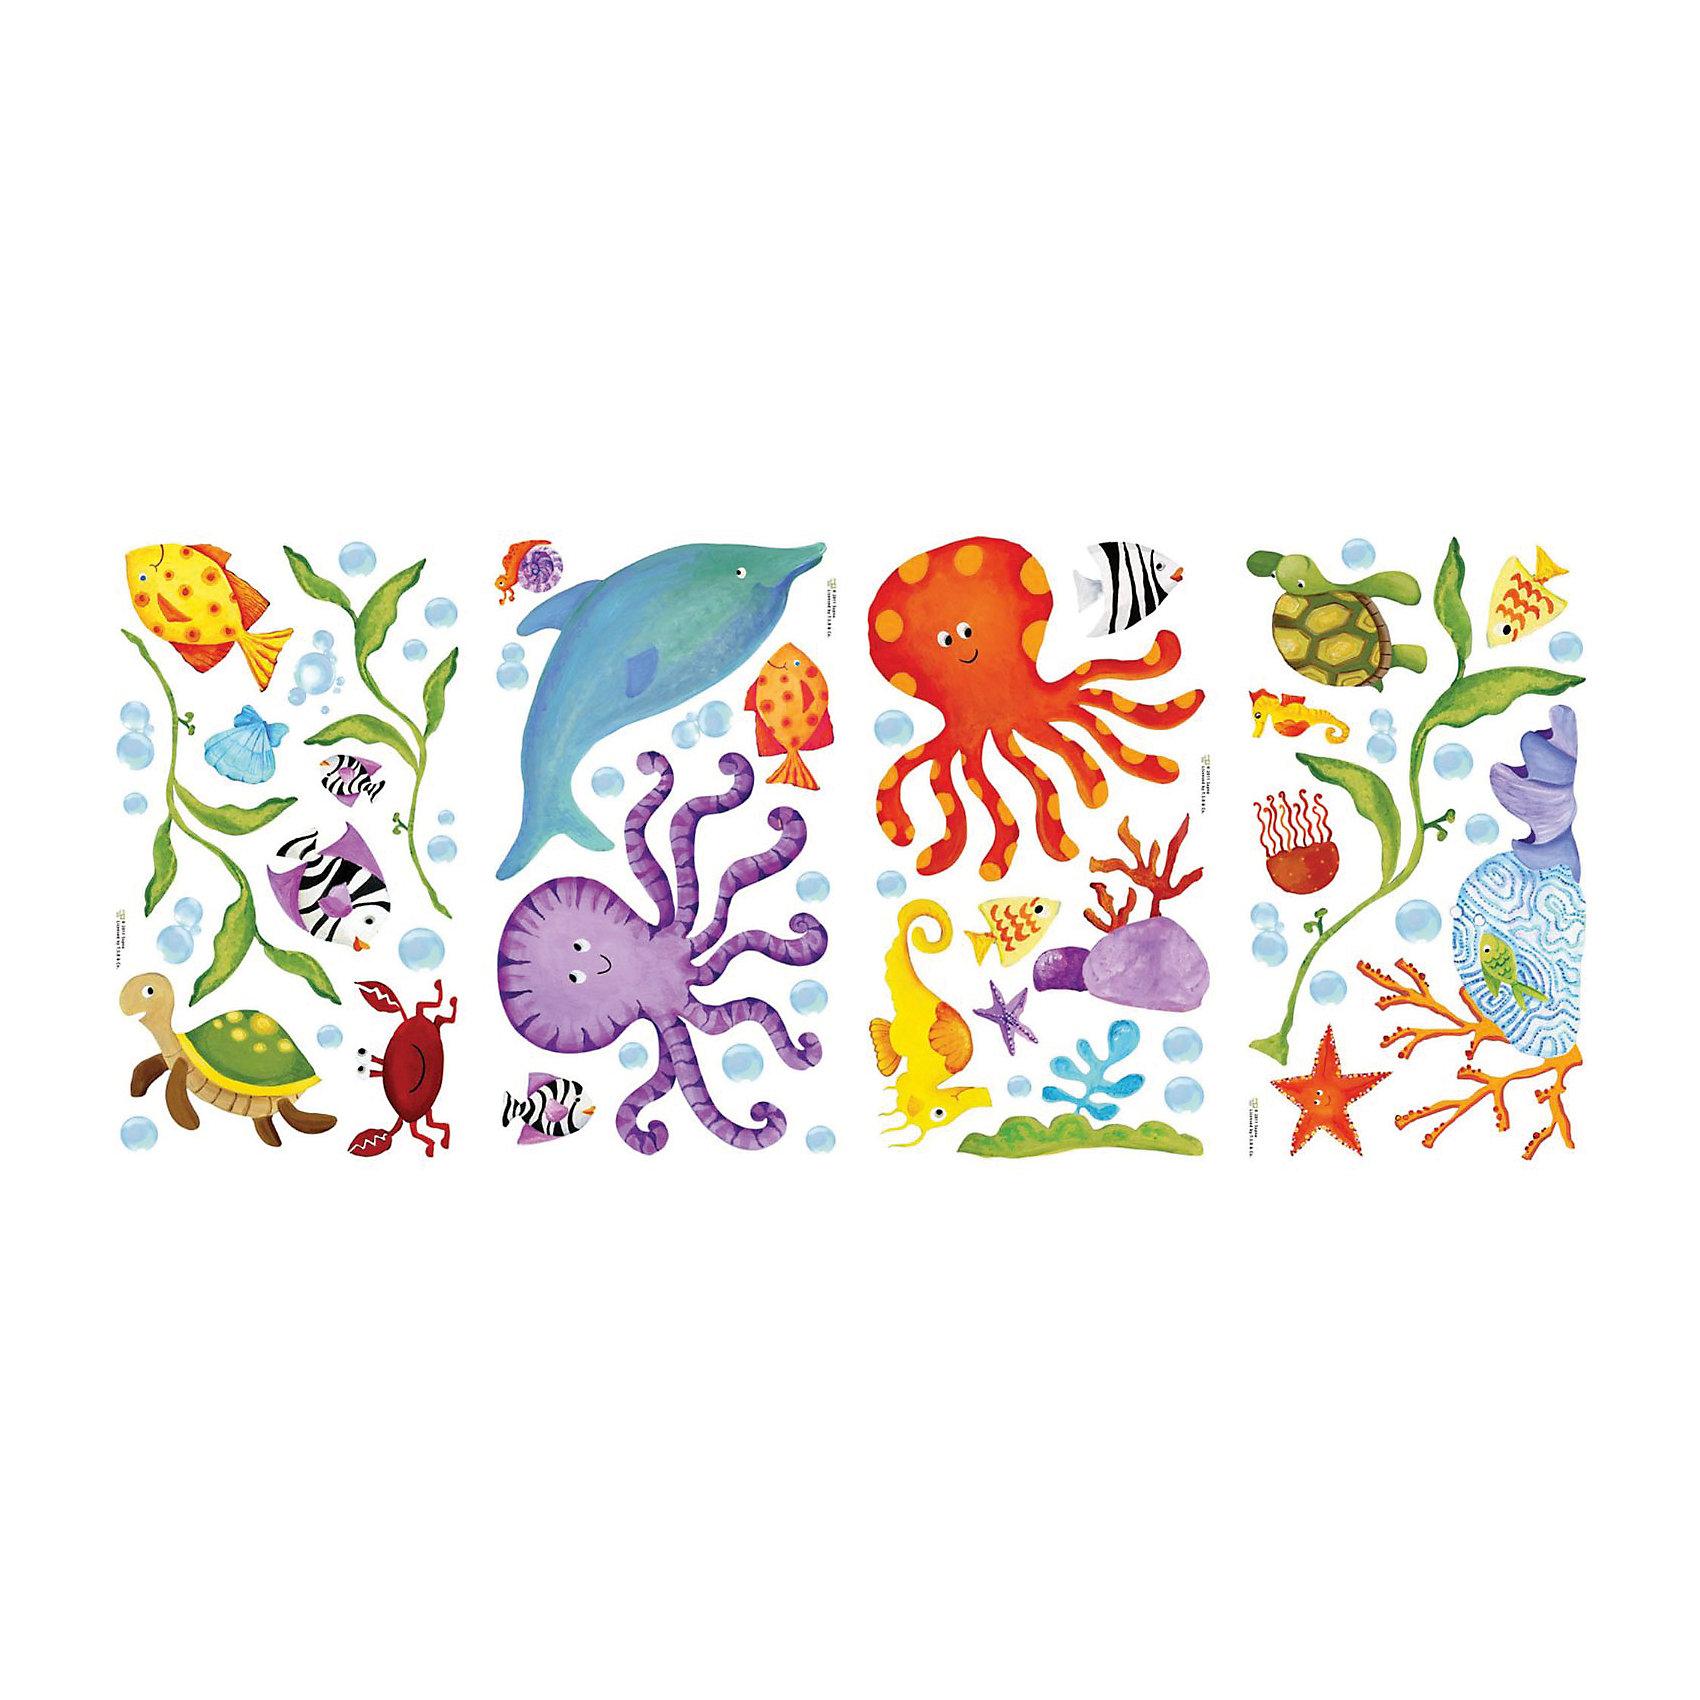 Наклейки для декора Приключения под водойДетские предметы интерьера<br>Наклейки для декора Приключения под водой, RoomMates, замечательно подойдут для украшения Вашего интерьера и придадут ему оригинальный и веселый вид. В комплект входят наклейки с изображениями дельфинов, рыбок, черепашек и других забавных морских обитателей (всего в наборе 4 листа с наклейками). Наклейки просты в применении и подходят для многоразового использования. Освободите выбранный рисунок от защитного слоя и приклейте на стену или любую другую плоскую гладкую поверхность. Стикеры легко отклеиваются и не оставляют липких следов на поверхности. Яркие наклейки с красочными морскими жителями будут радовать Вашего ребенка и создавать атмосферу домашнего уюта.<br><br>Дополнительная информация:<br><br>- В комплекте: 4 листа наклеек.<br>- Материал: винил.<br>- Размер упаковки: 29,21 х 12,7 х 2,54 см. <br>- Вес: 141 гр. <br><br>Наклейки для декора Приключения под водой, RoomMates, можно купить в нашем интернет-магазине.<br><br>Ширина мм: 292<br>Глубина мм: 127<br>Высота мм: 26<br>Вес г: 140<br>Возраст от месяцев: 36<br>Возраст до месяцев: 144<br>Пол: Унисекс<br>Возраст: Детский<br>SKU: 4652187